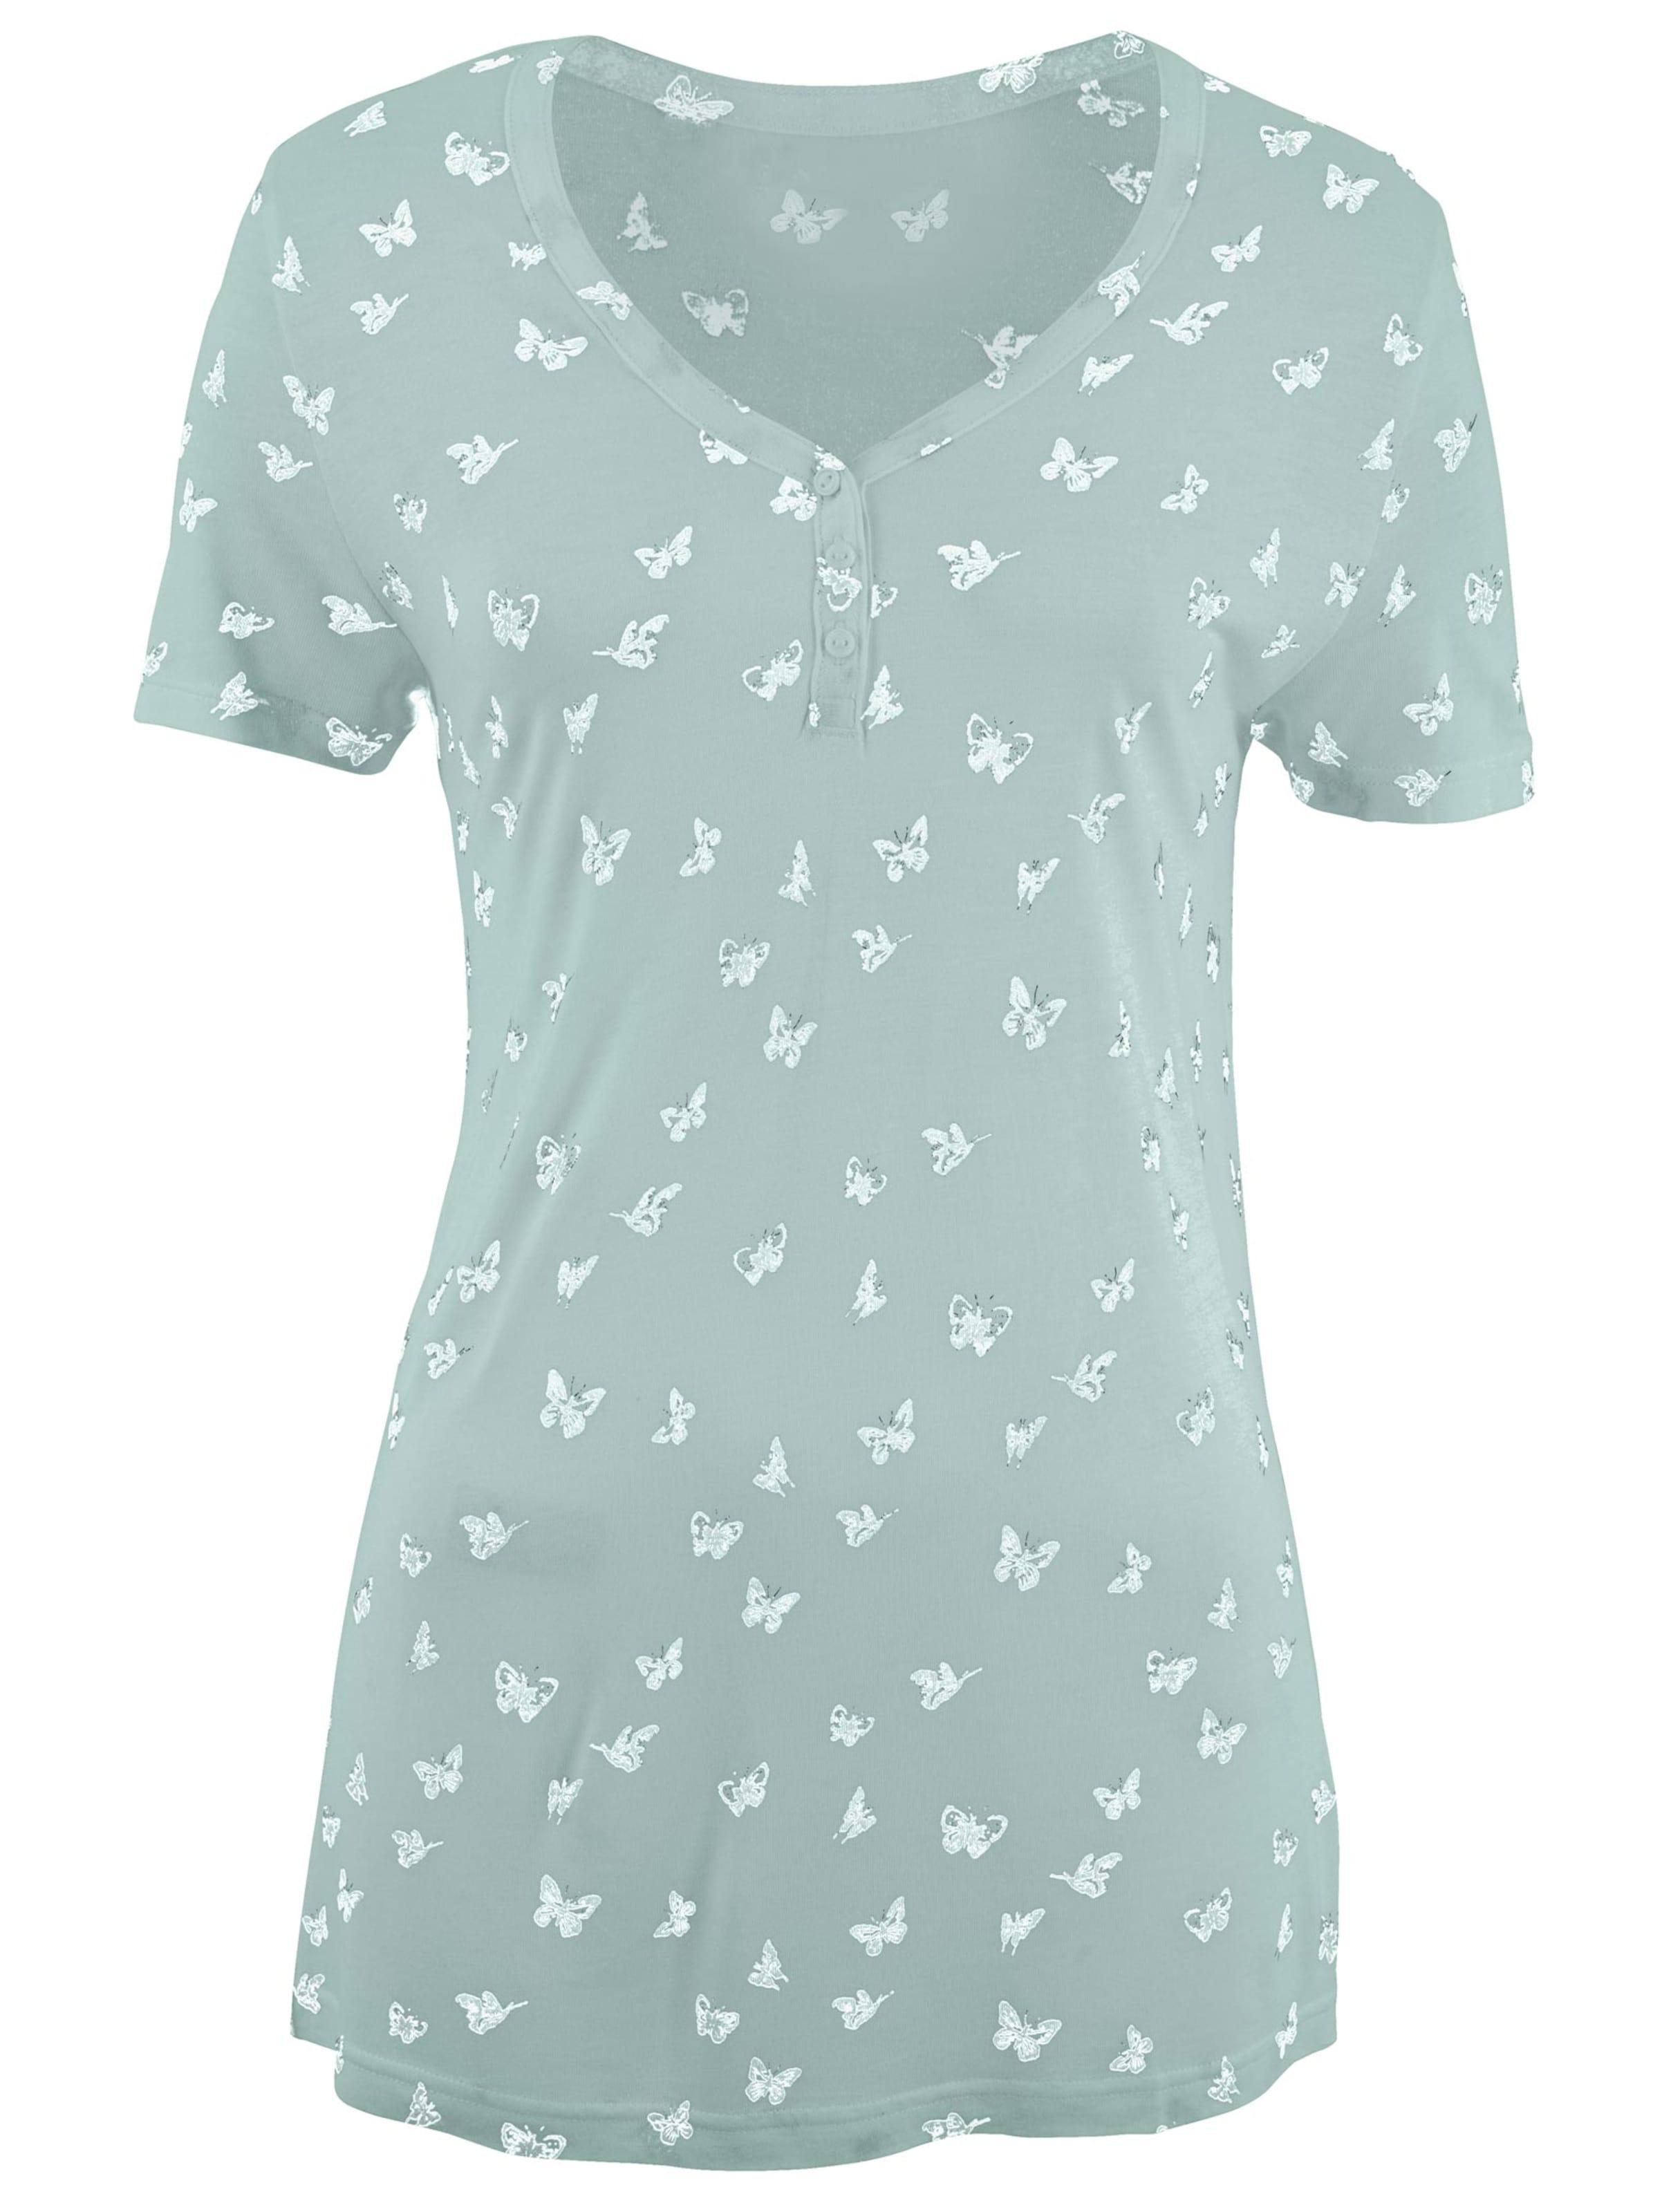 Damen Shirt mint